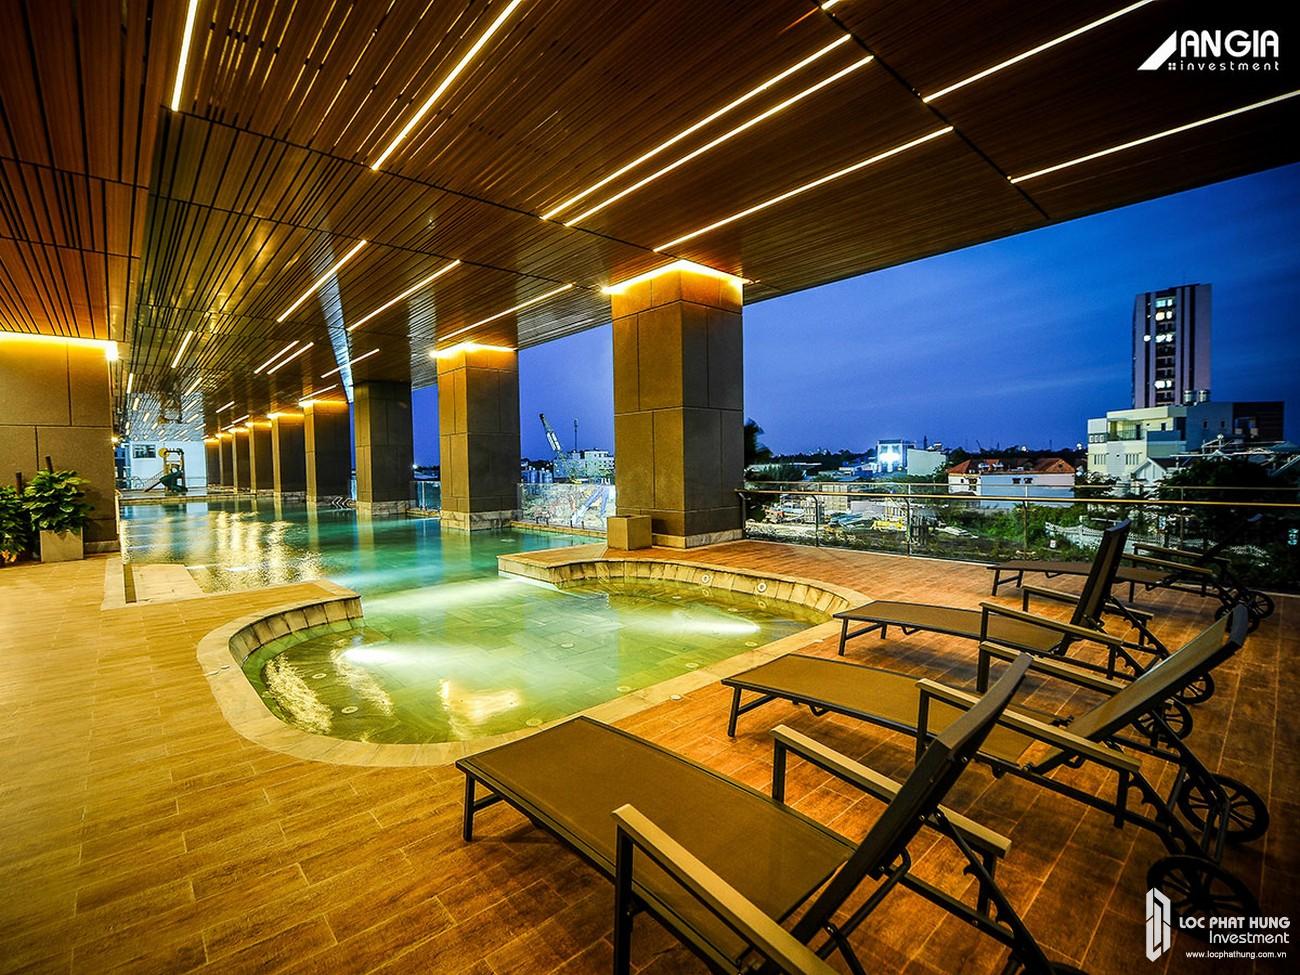 Mua bán cho thuê căn hộ chung cư An Gia Skyline Quận 7 - Hình ảnh thực tế Hồ bơi tại tầng 02 AnGia Skyline